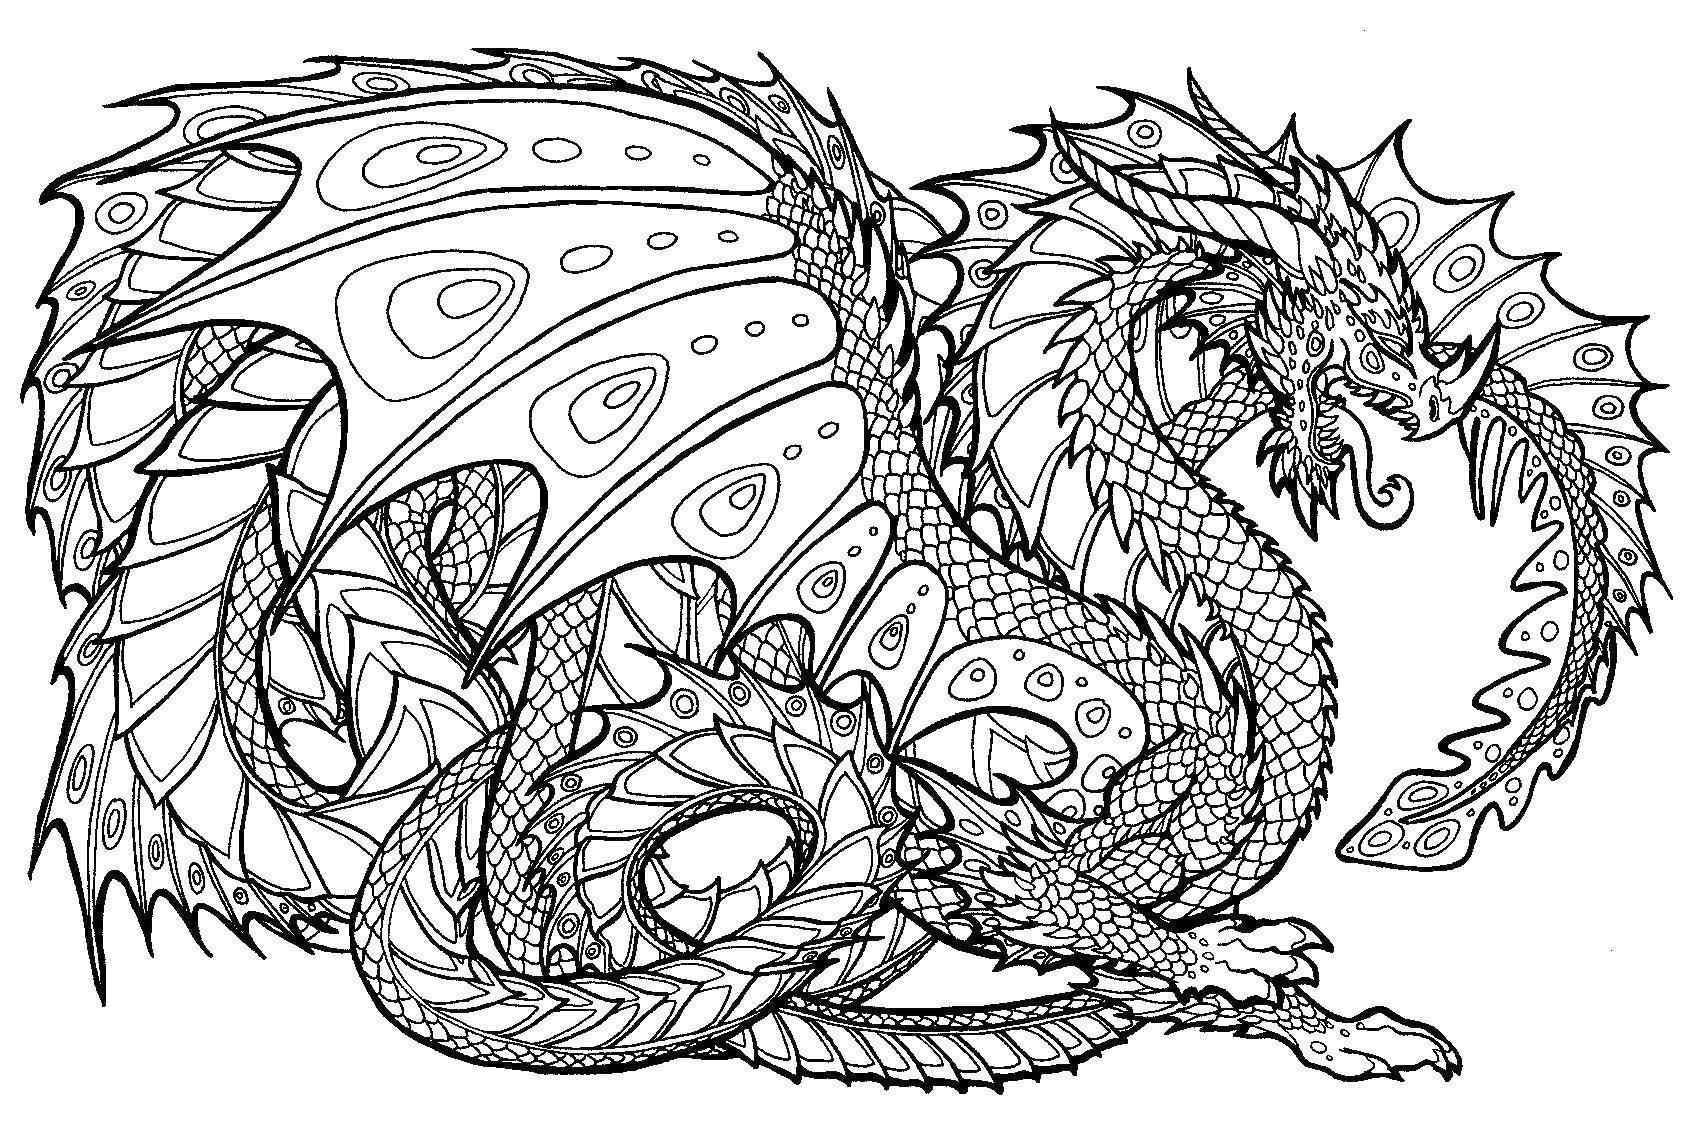 Раскраски Драконы Раскраски Драконов для подростков, красивы, простые и сложные раскраски